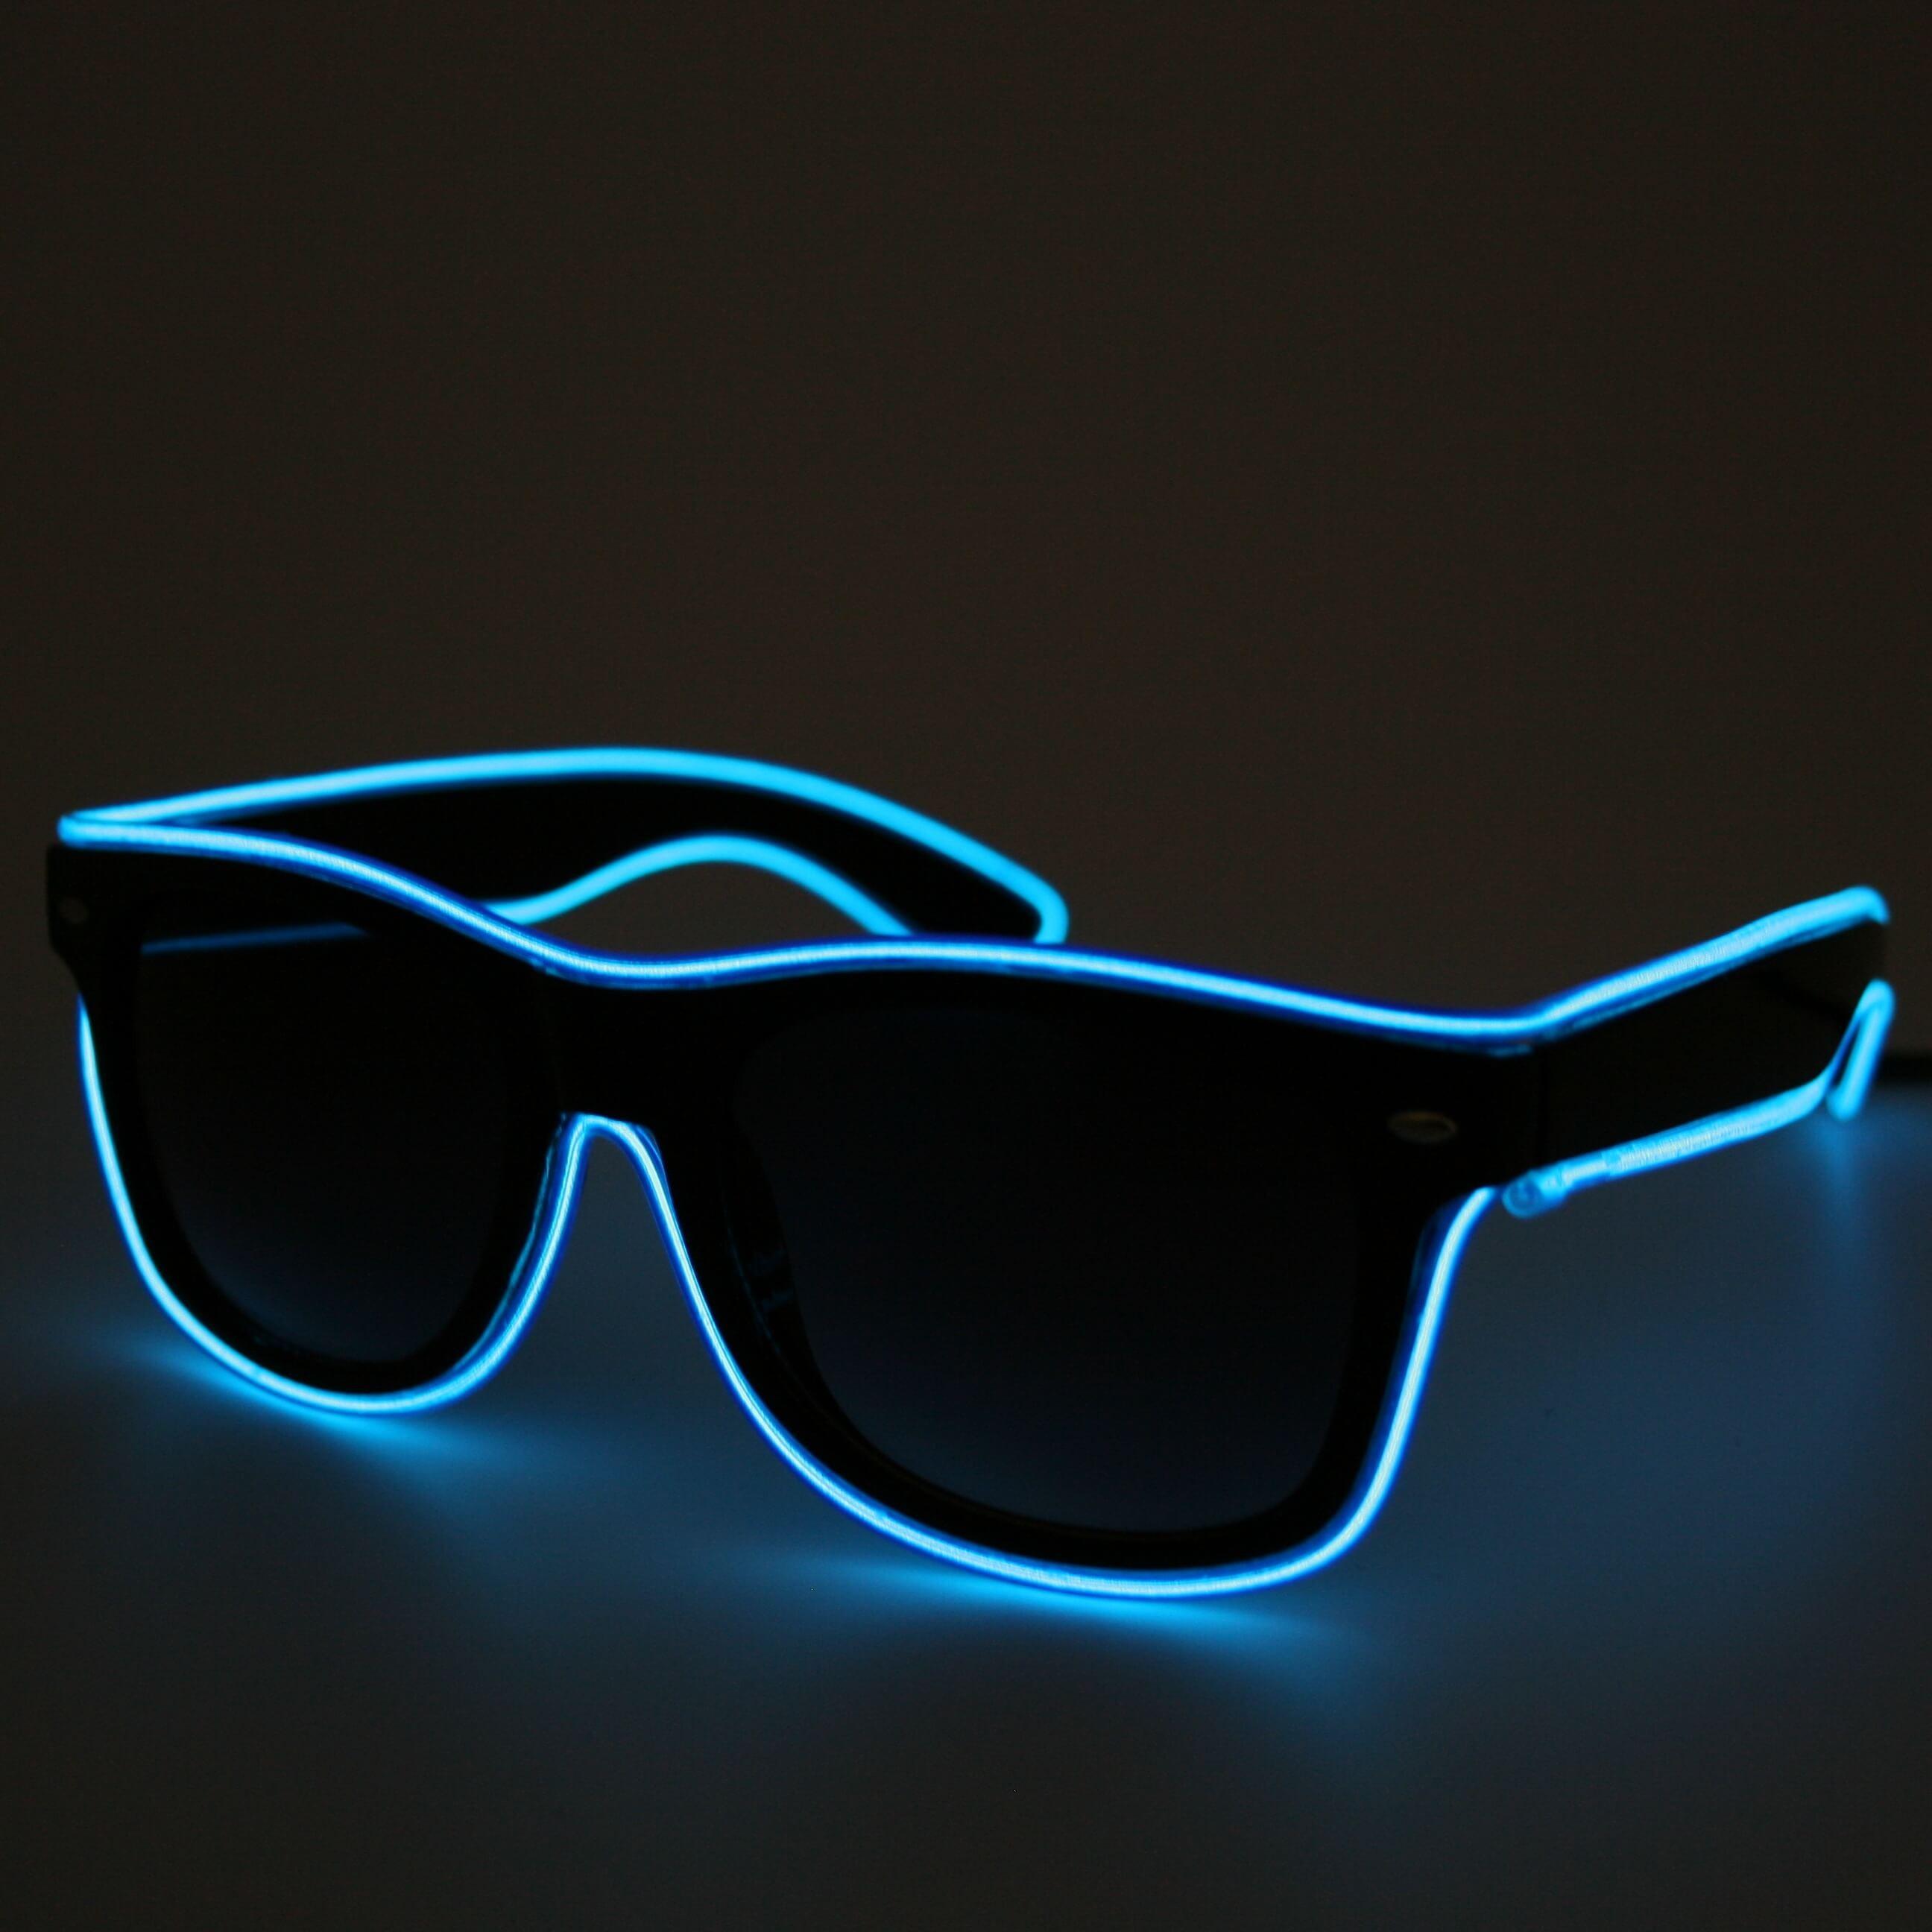 LED Neon Glasses Blue